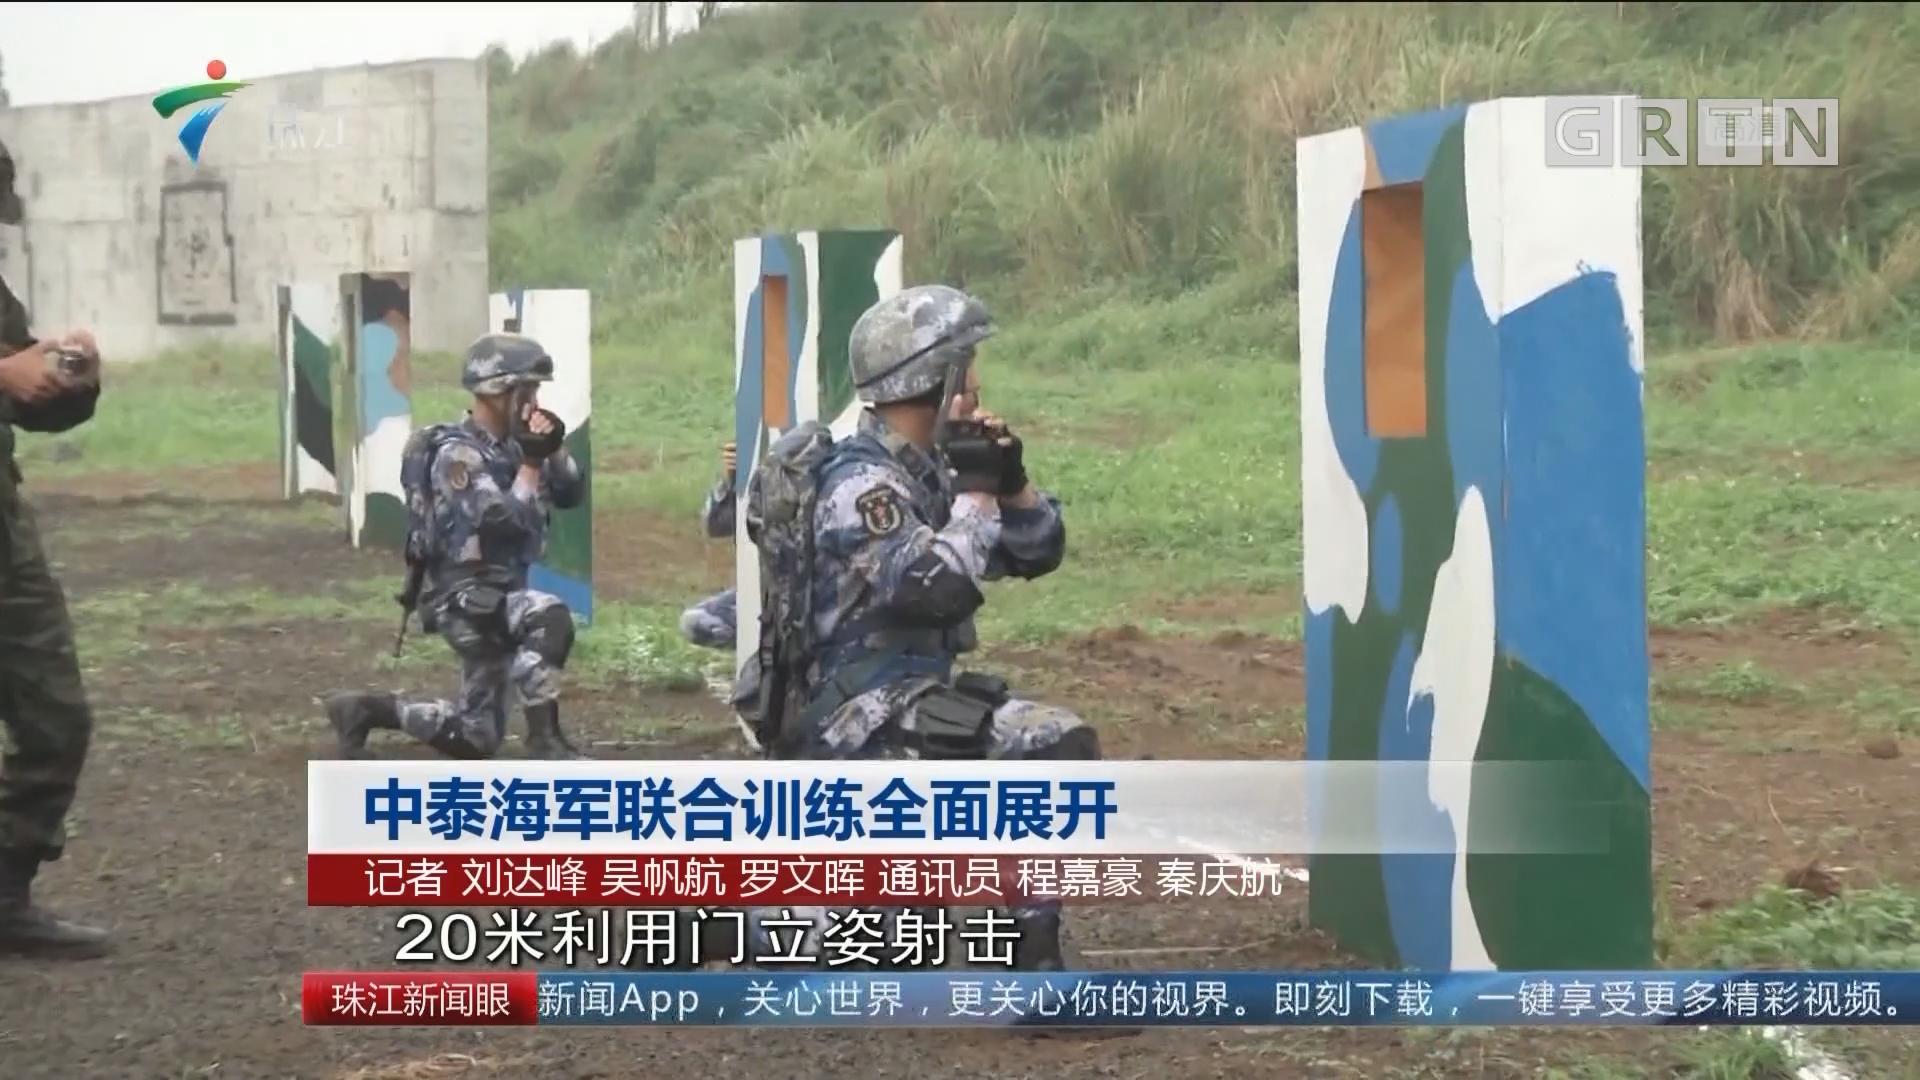 中泰海军联合训练全面展开